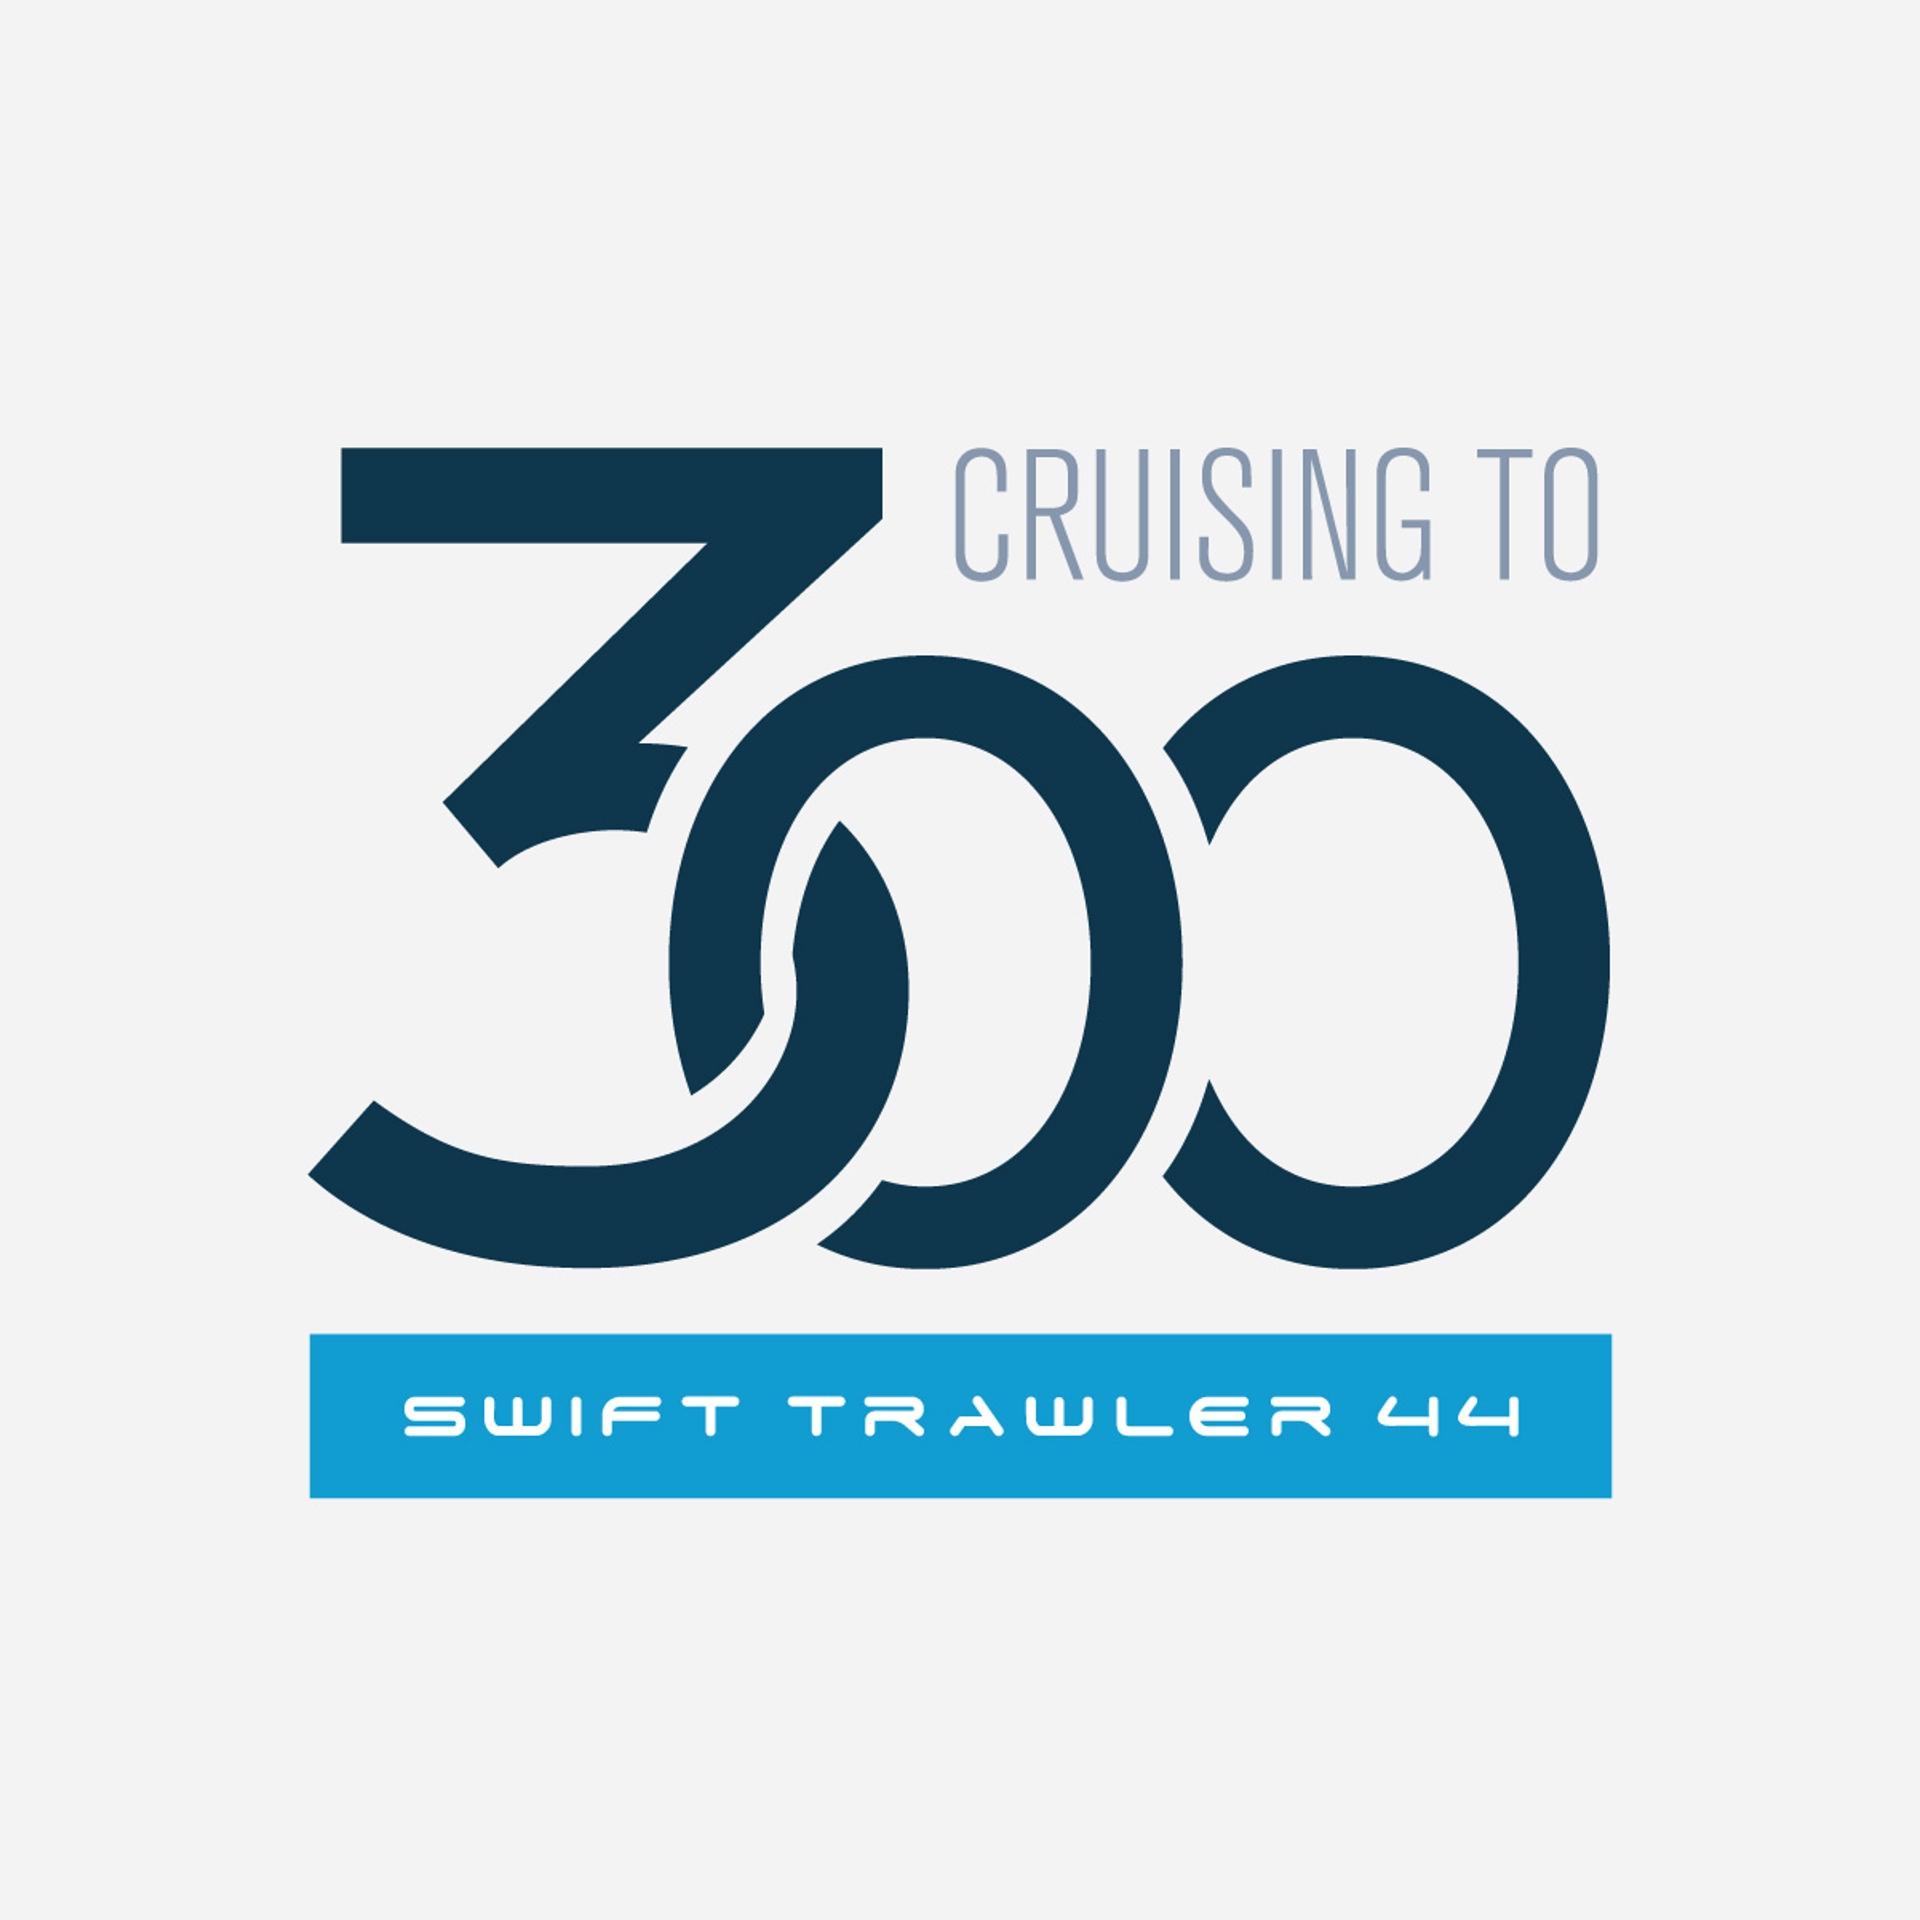 Cruising to 300 Graphic